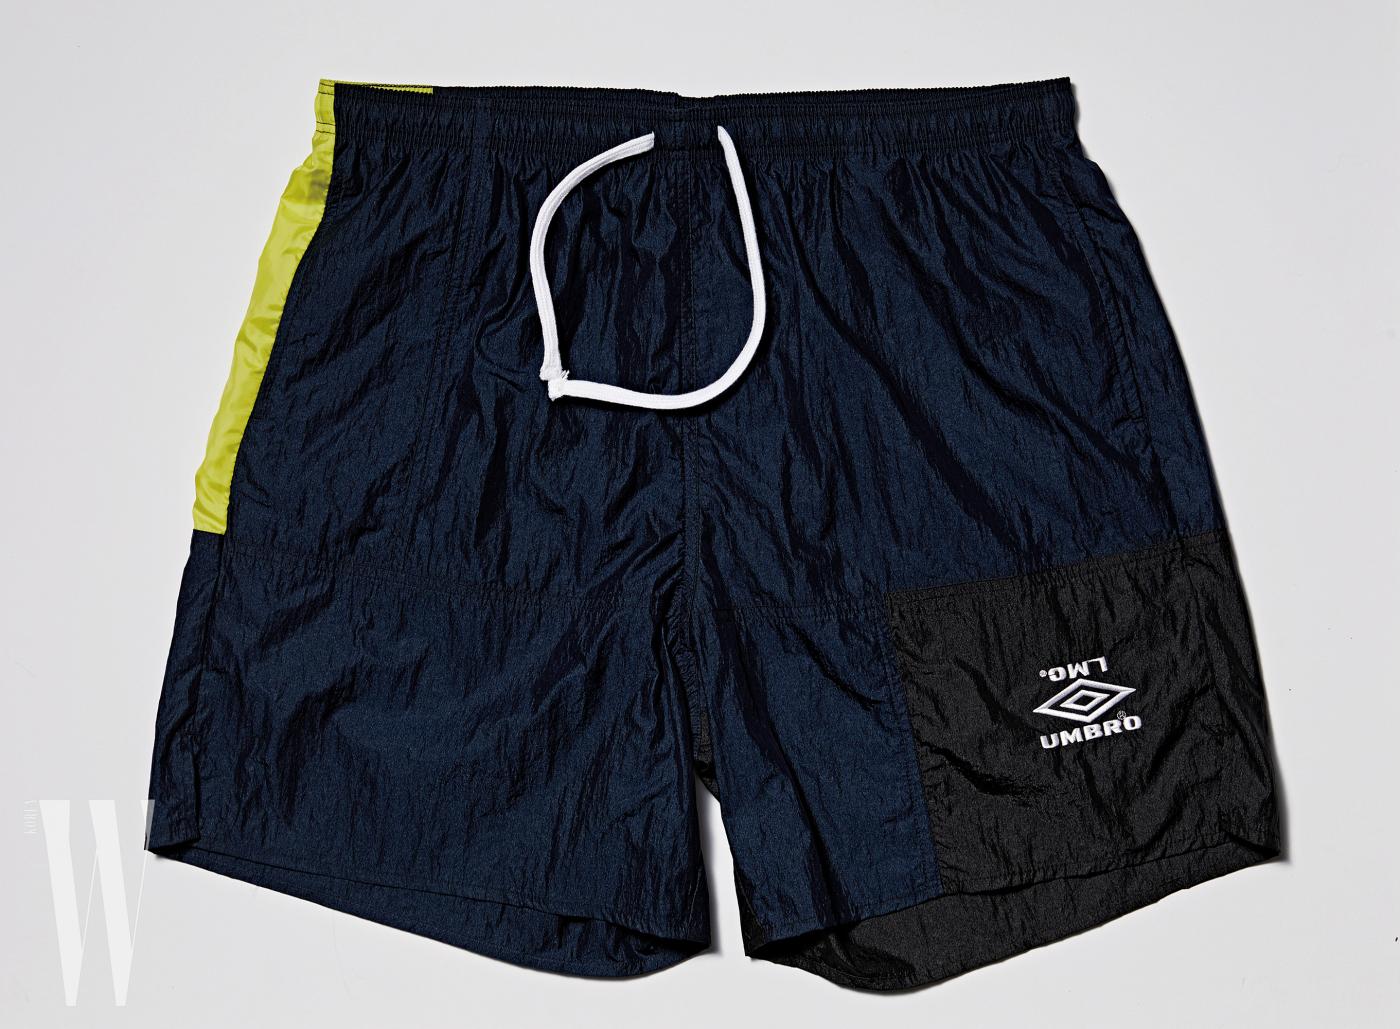 엄브로와 협업한 풋볼 캡슐 컬렉션은 LMC 제품. 크로스 백은 4 만 9천원, 풋볼 쇼츠는 6 만 5천원 .